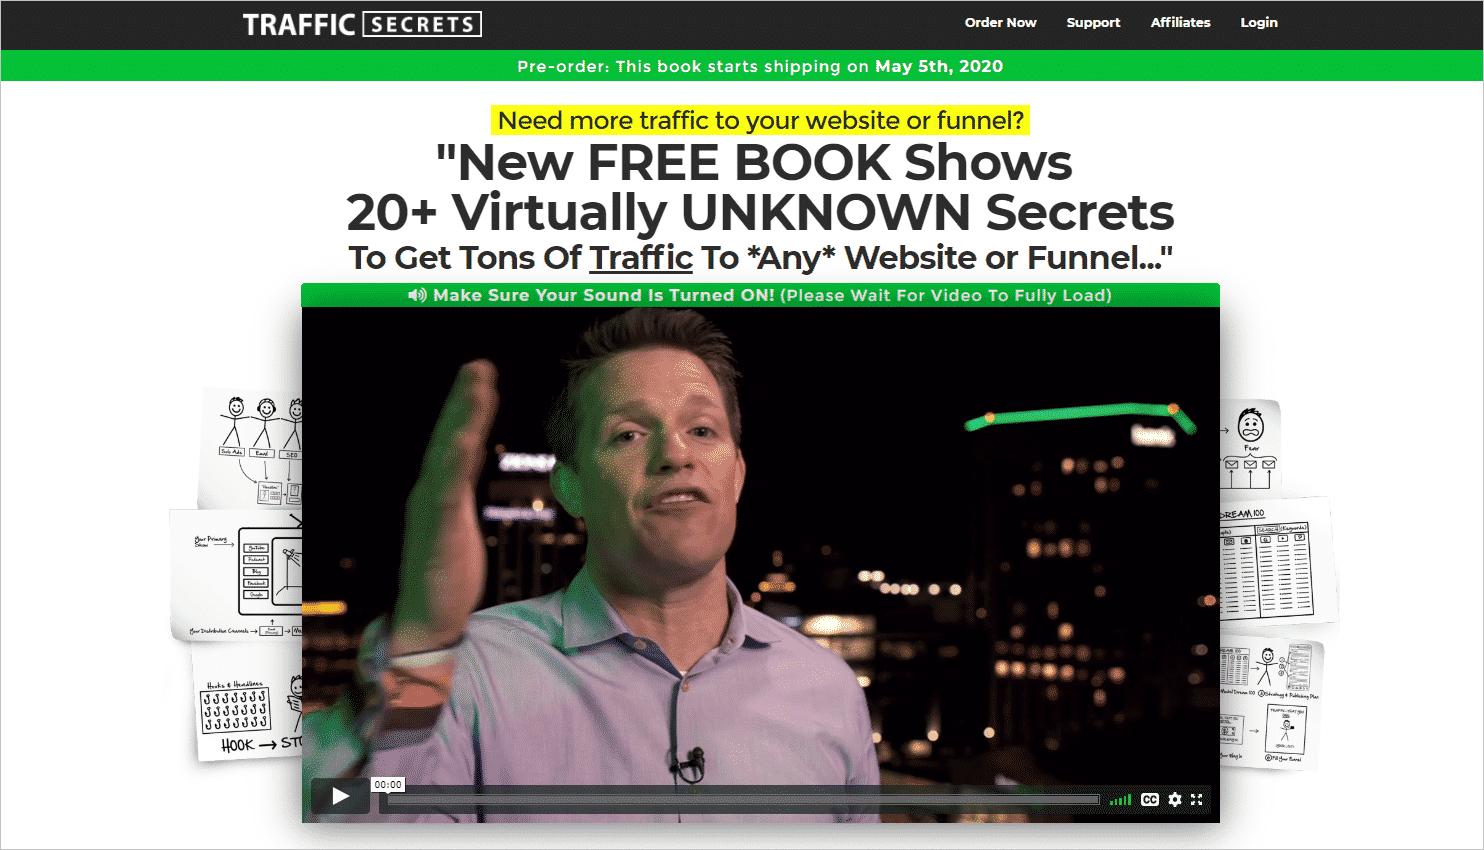 Traffic Secrets Cost